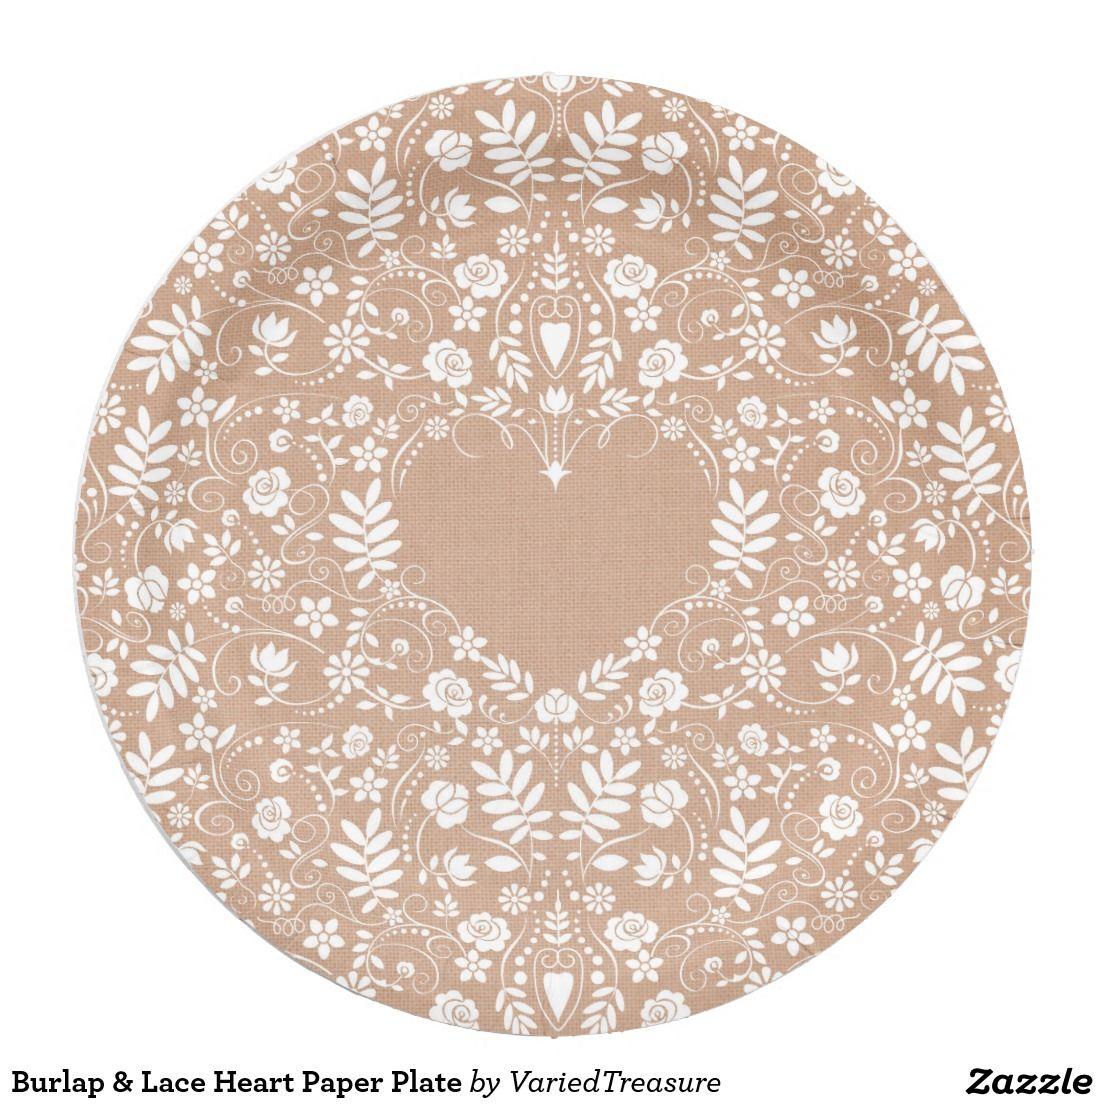 Burlap \u0026 Lace Heart Paper Plate 9 Inch Paper Plate | Weddings - Fall .. Burlap Lace Heart Paper Plate 9 Inch Paper Plate Weddings Fall  sc 1 st  Best Image Engine & Amusing Burlap And Lace Paper Plates Ideas - Best Image Engine ...